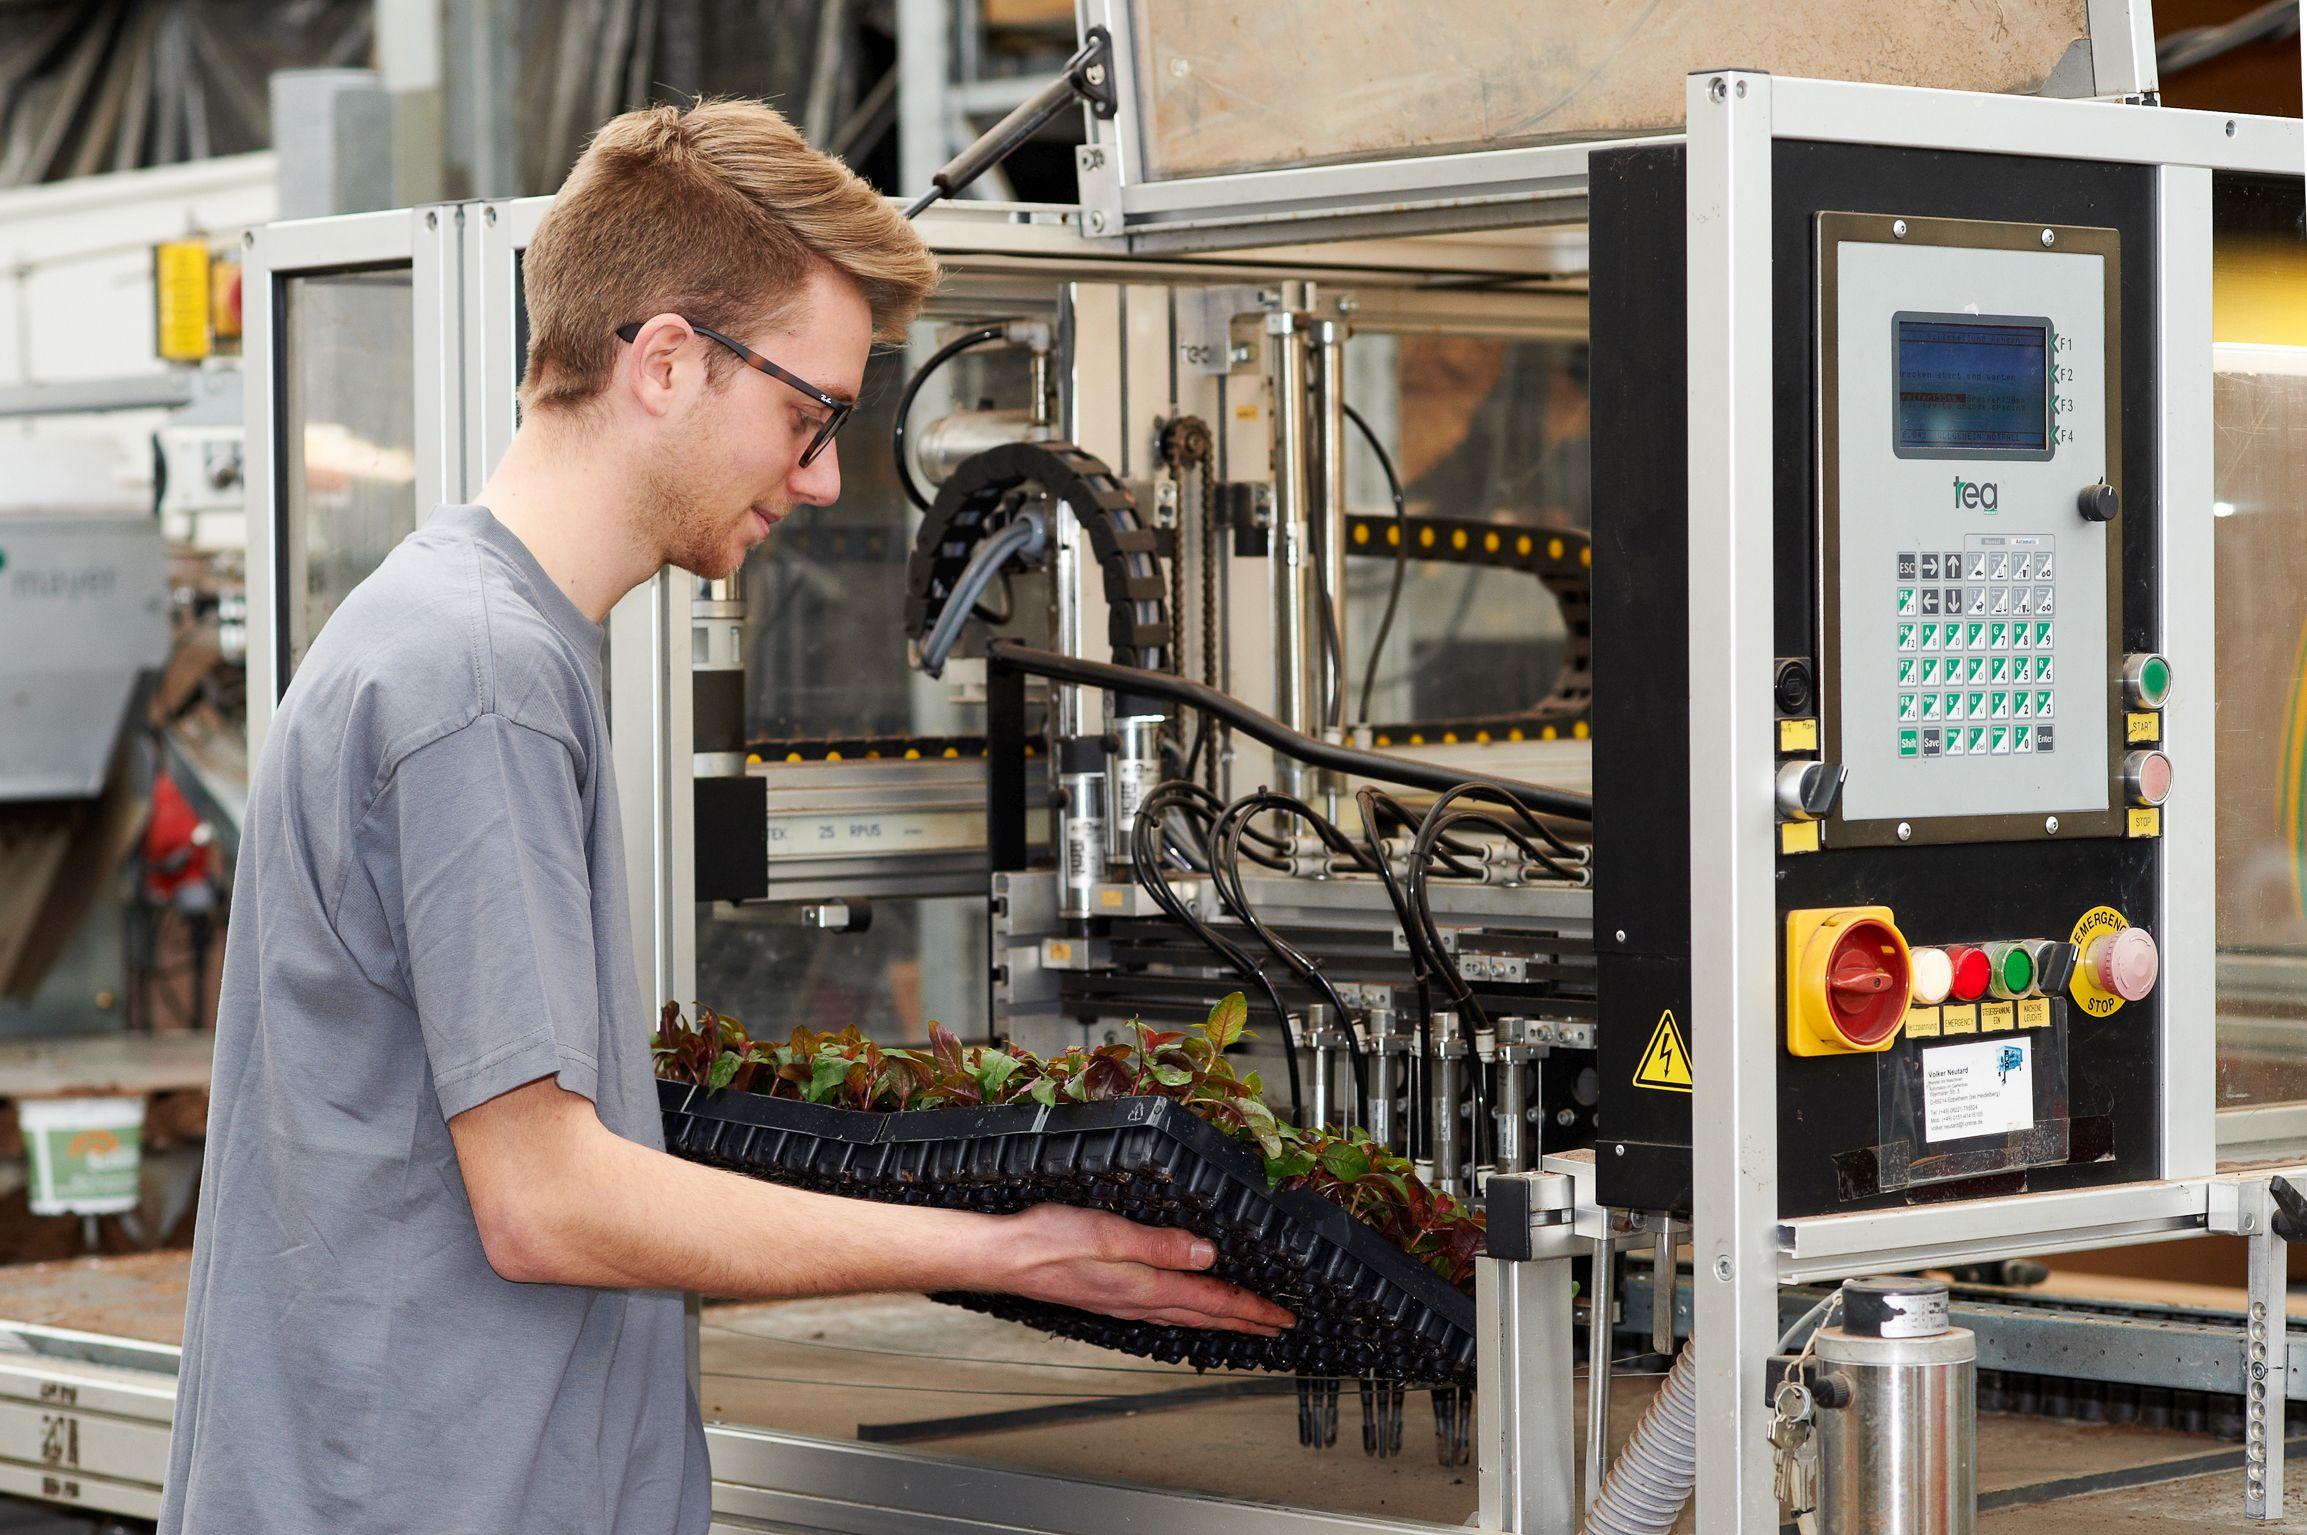 Grüne Berufe – Fit für die Zukunft mit moderner Technik